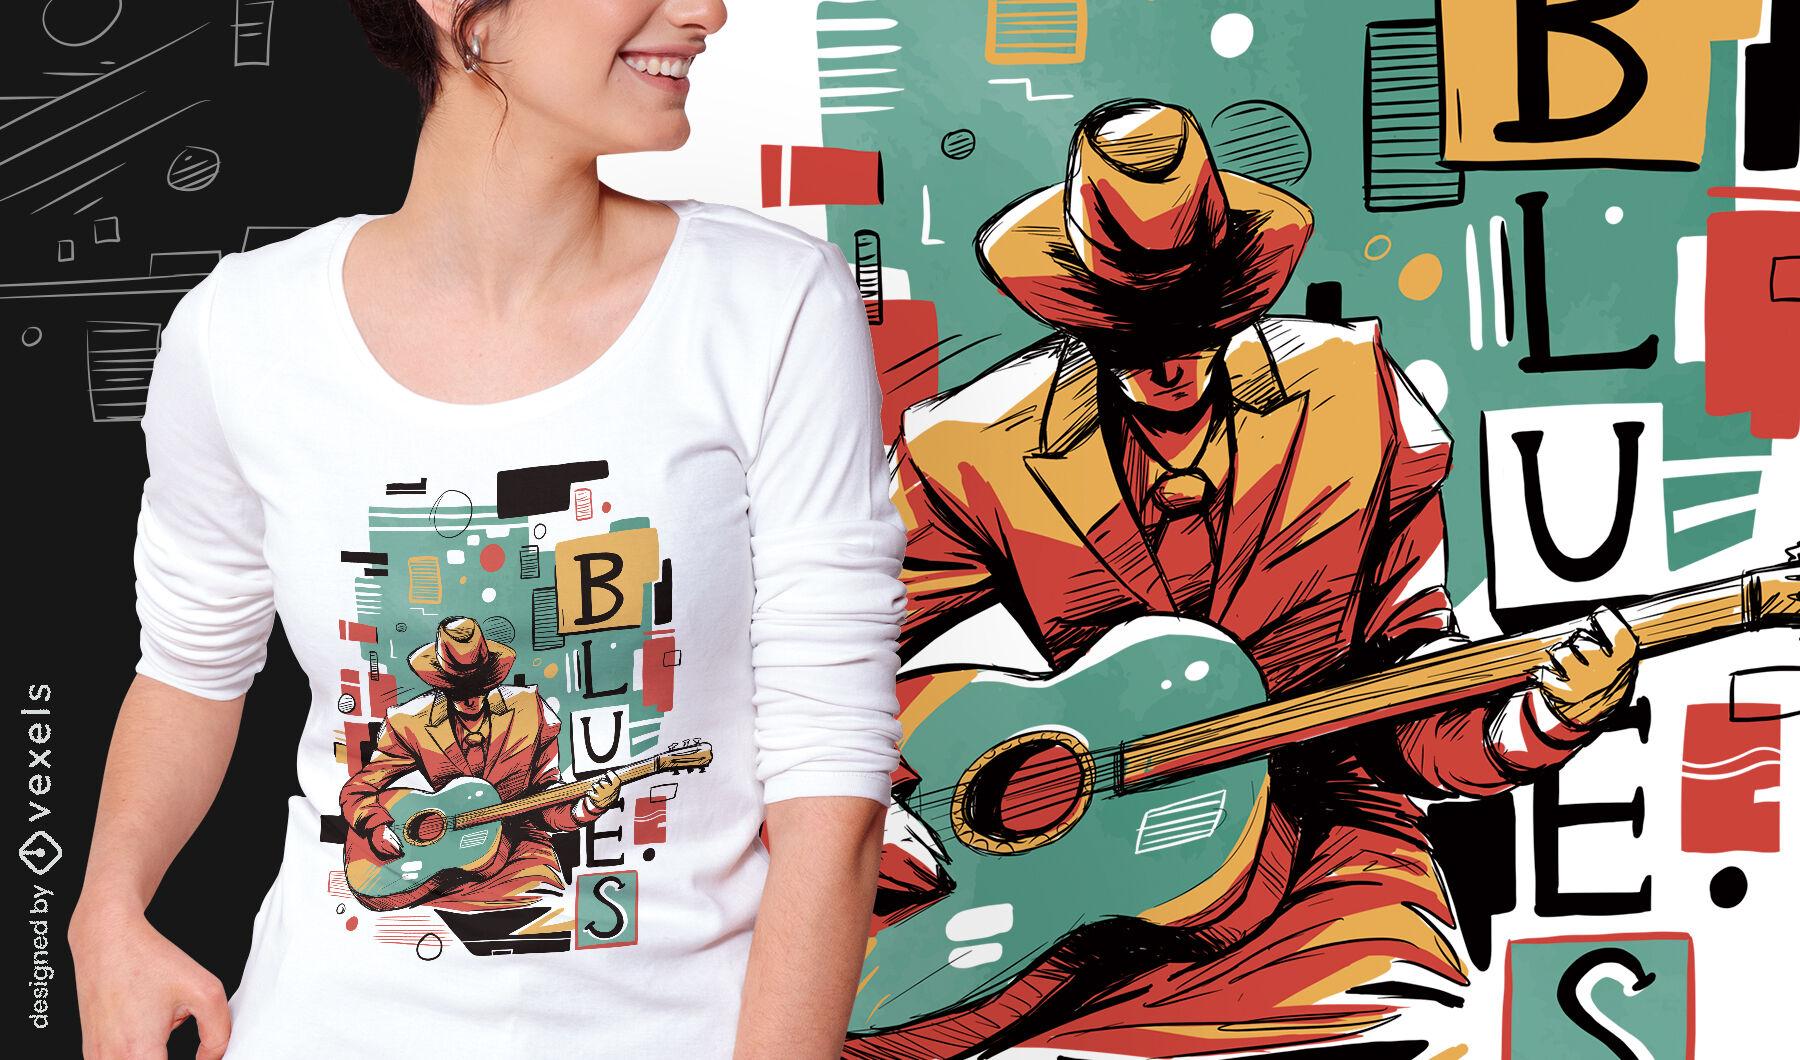 Bluesmusiker abstraktes PSD-T-Shirt